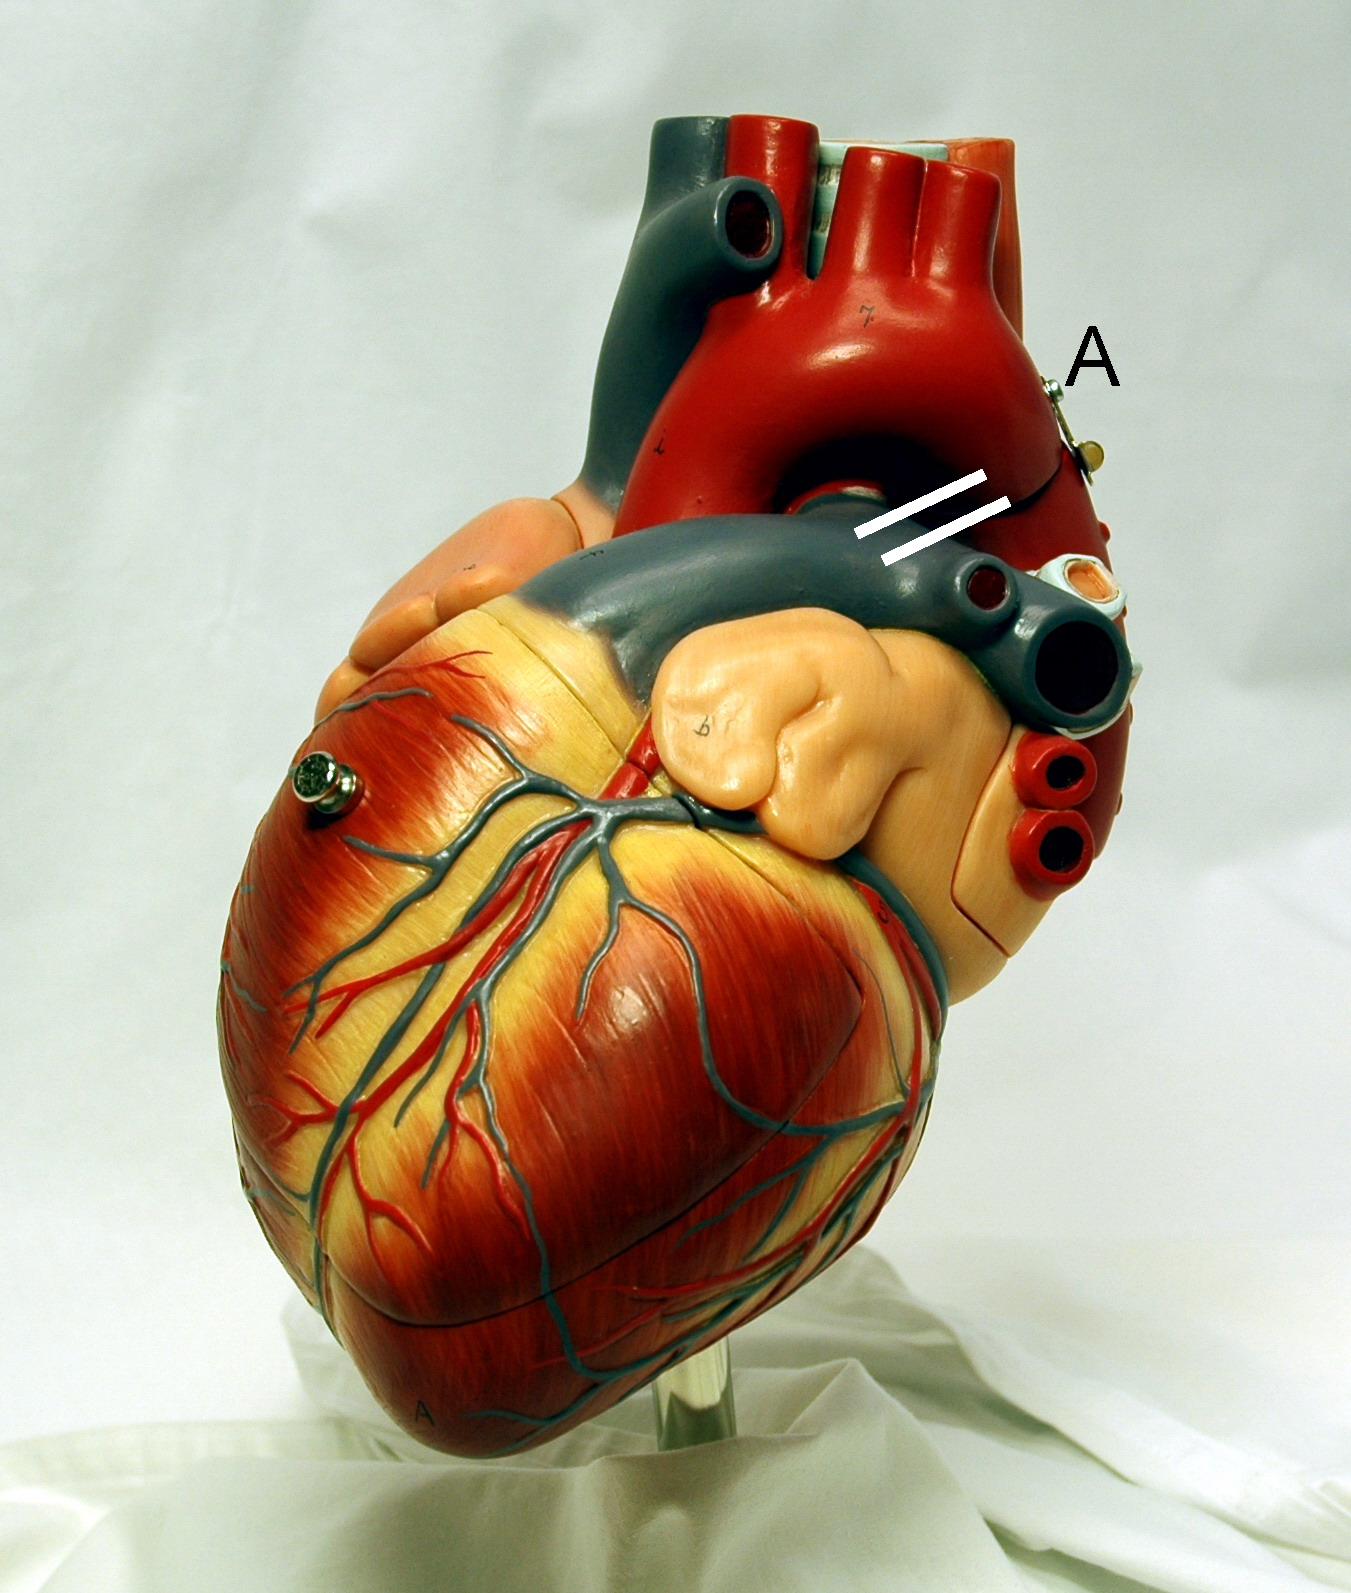 عکس قلب انسان ها